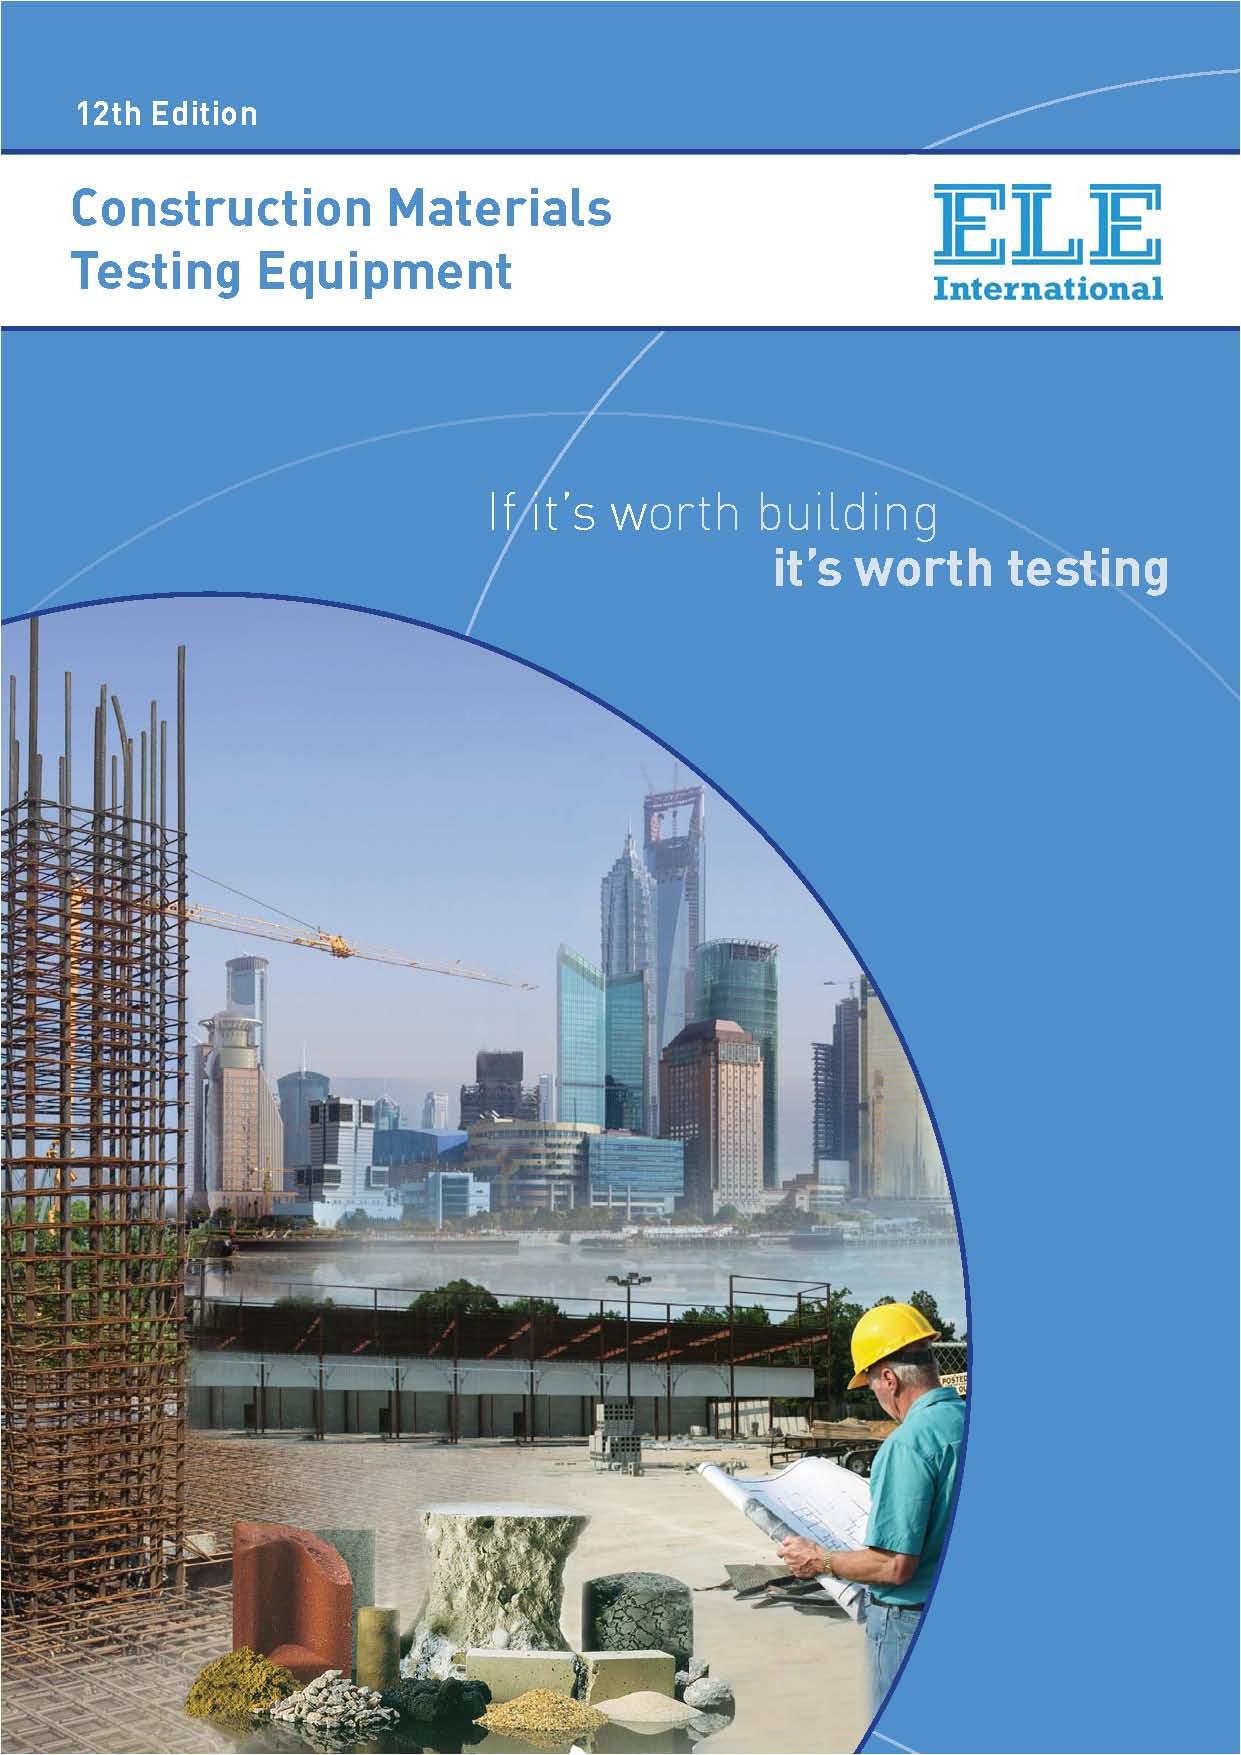 فروش ویژه محصولات موجود آزمایشگاه های گروه مهندسی عمران از کارخانه ELE انگلستان